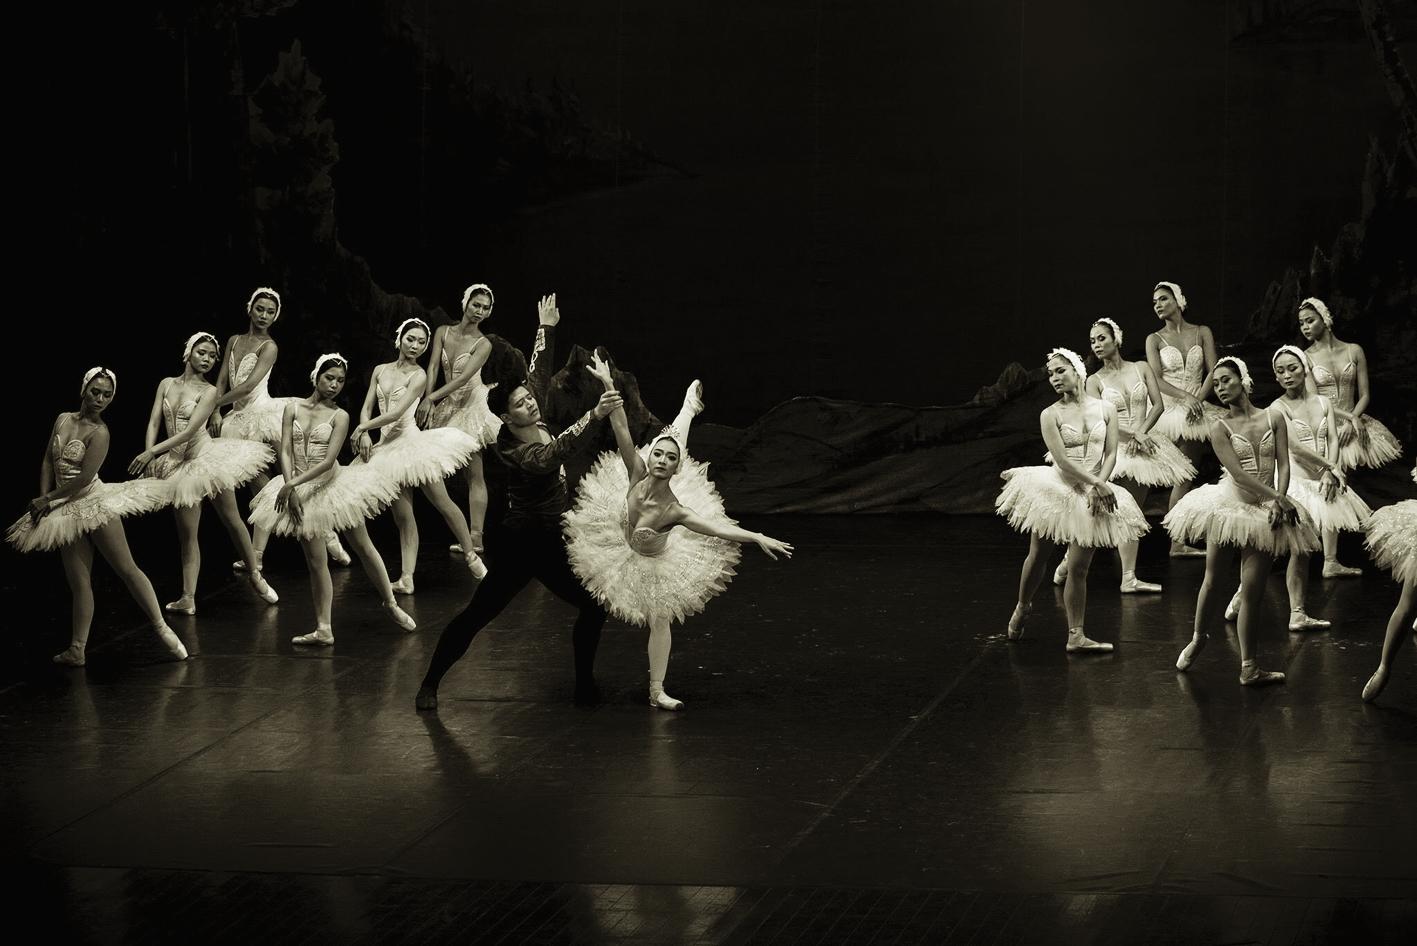 Thu Huệ là nghệ sĩ ballet người Việt Nam đầu tiên đảm nhận vai chính, cả Thiên Nga Trắng và Thiên Nga Đen trong vở Hồ Thiên Nga trong một đêm diễn